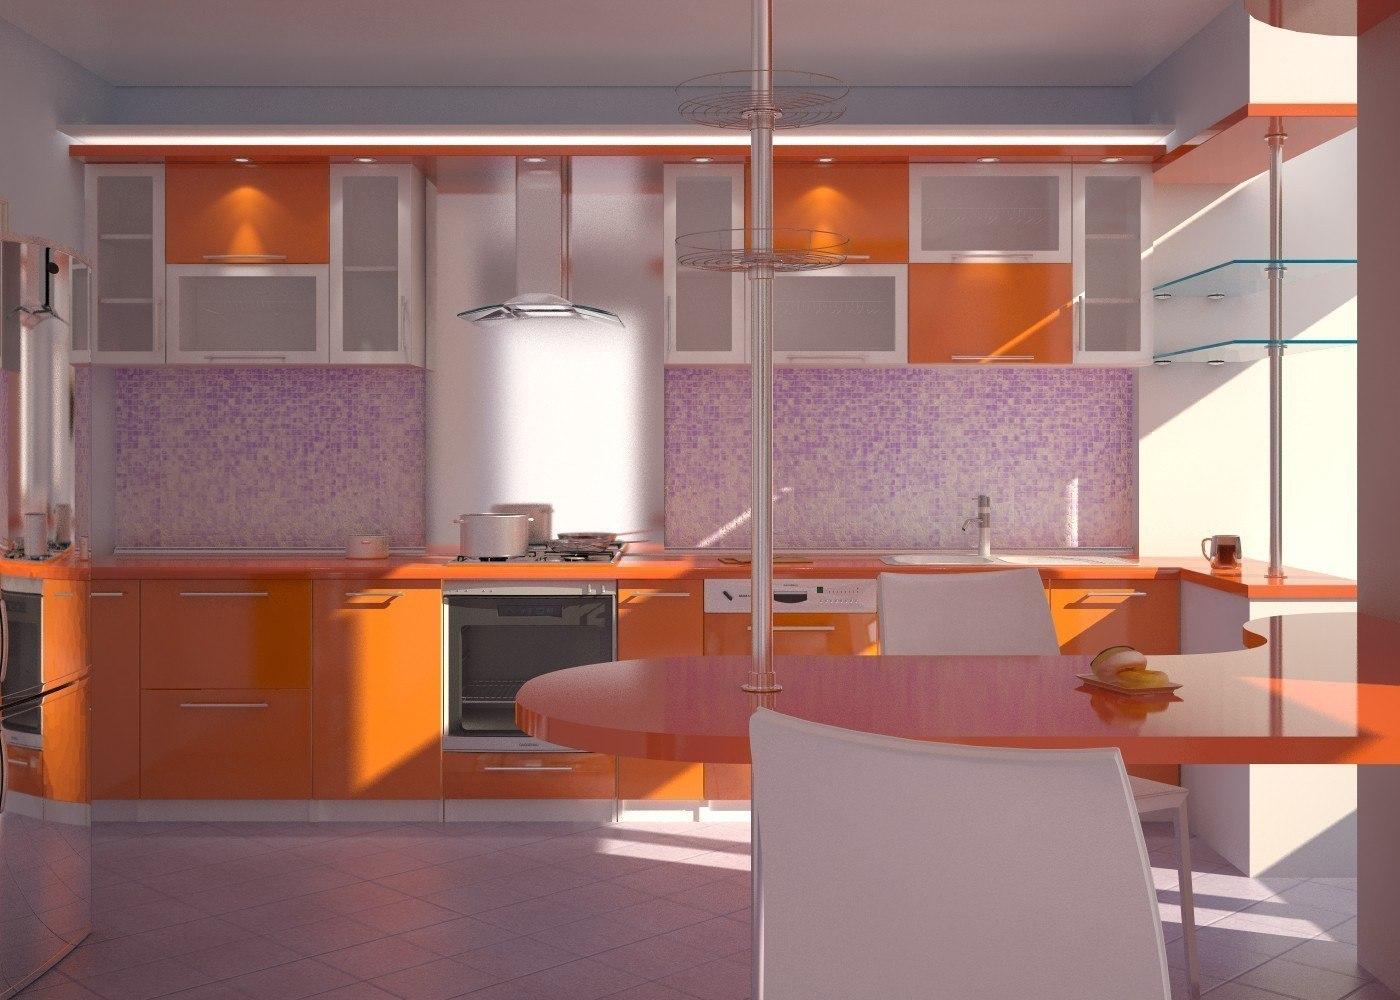 Как самому сделать дизайн кухни (51 фото)